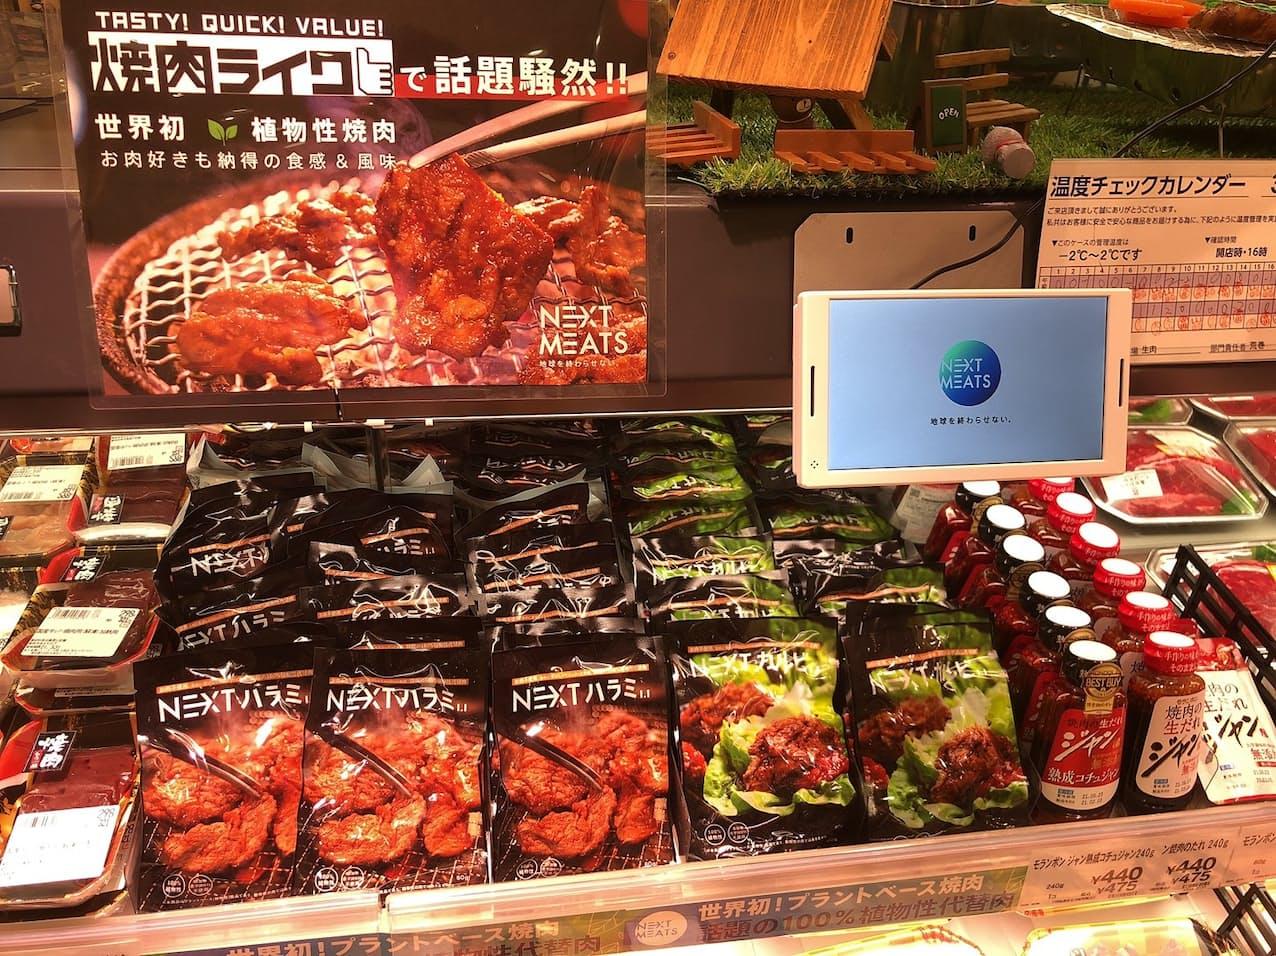 ネクストミーツ(東京・新宿)は焼き肉用の植物肉を外食チェーン「焼肉ライク」などに提供。食品スーパーにも並び始めた